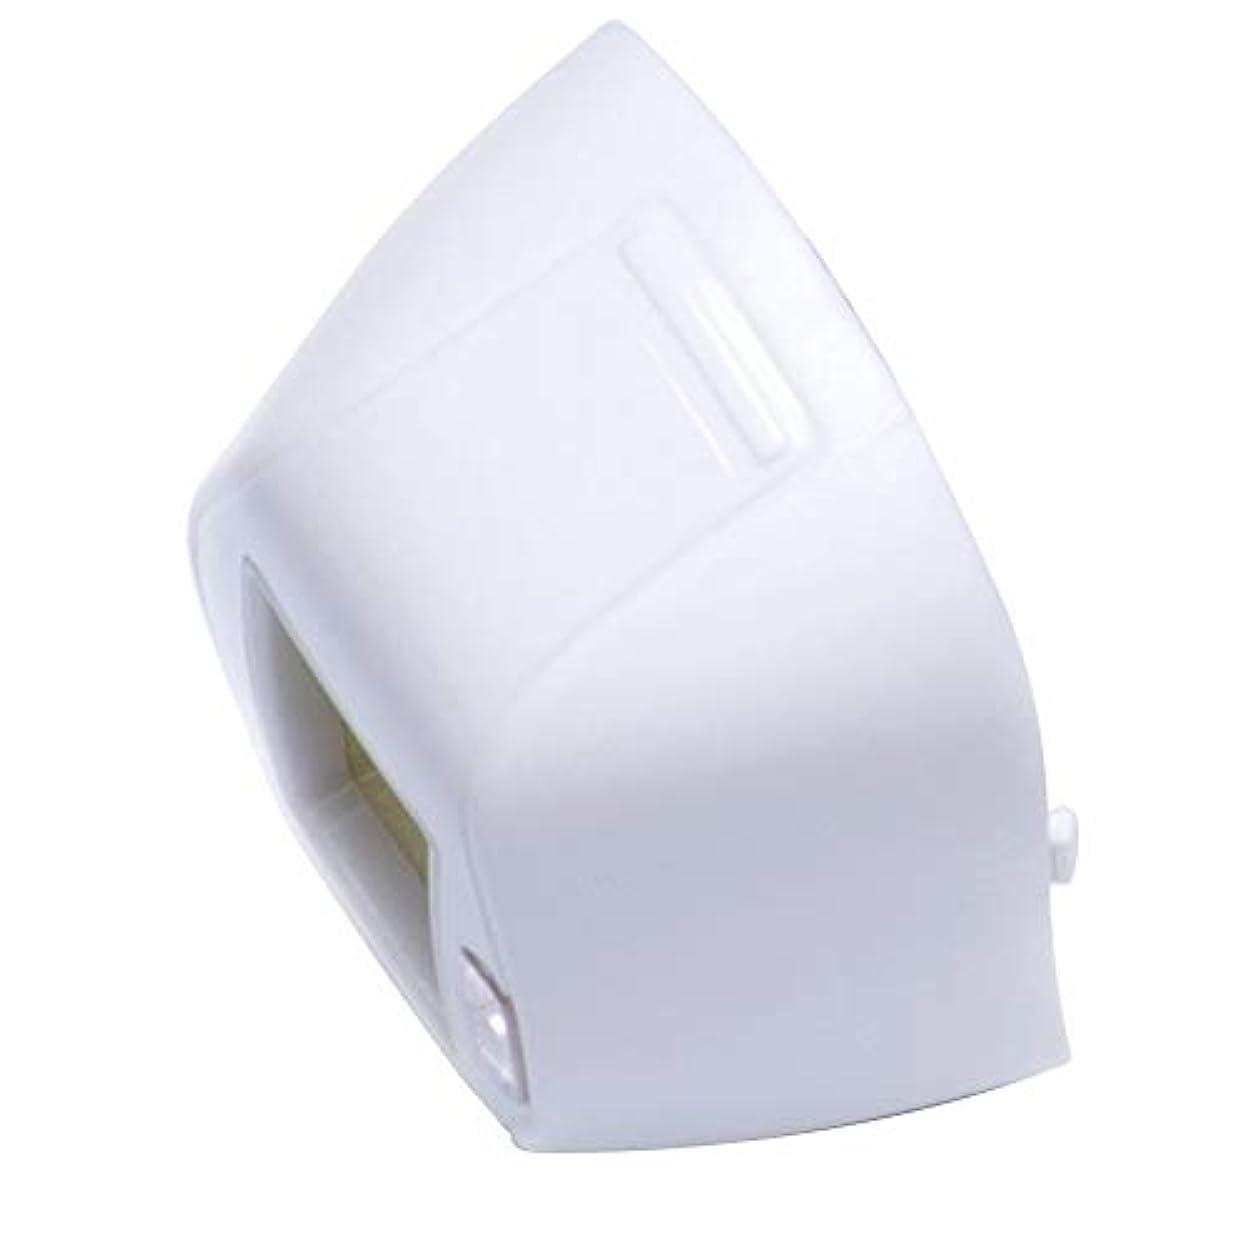 壊れた人種帝国MACOLAUDER IPL光脱毛器の付属品 交換用カートリッジ ホワイト